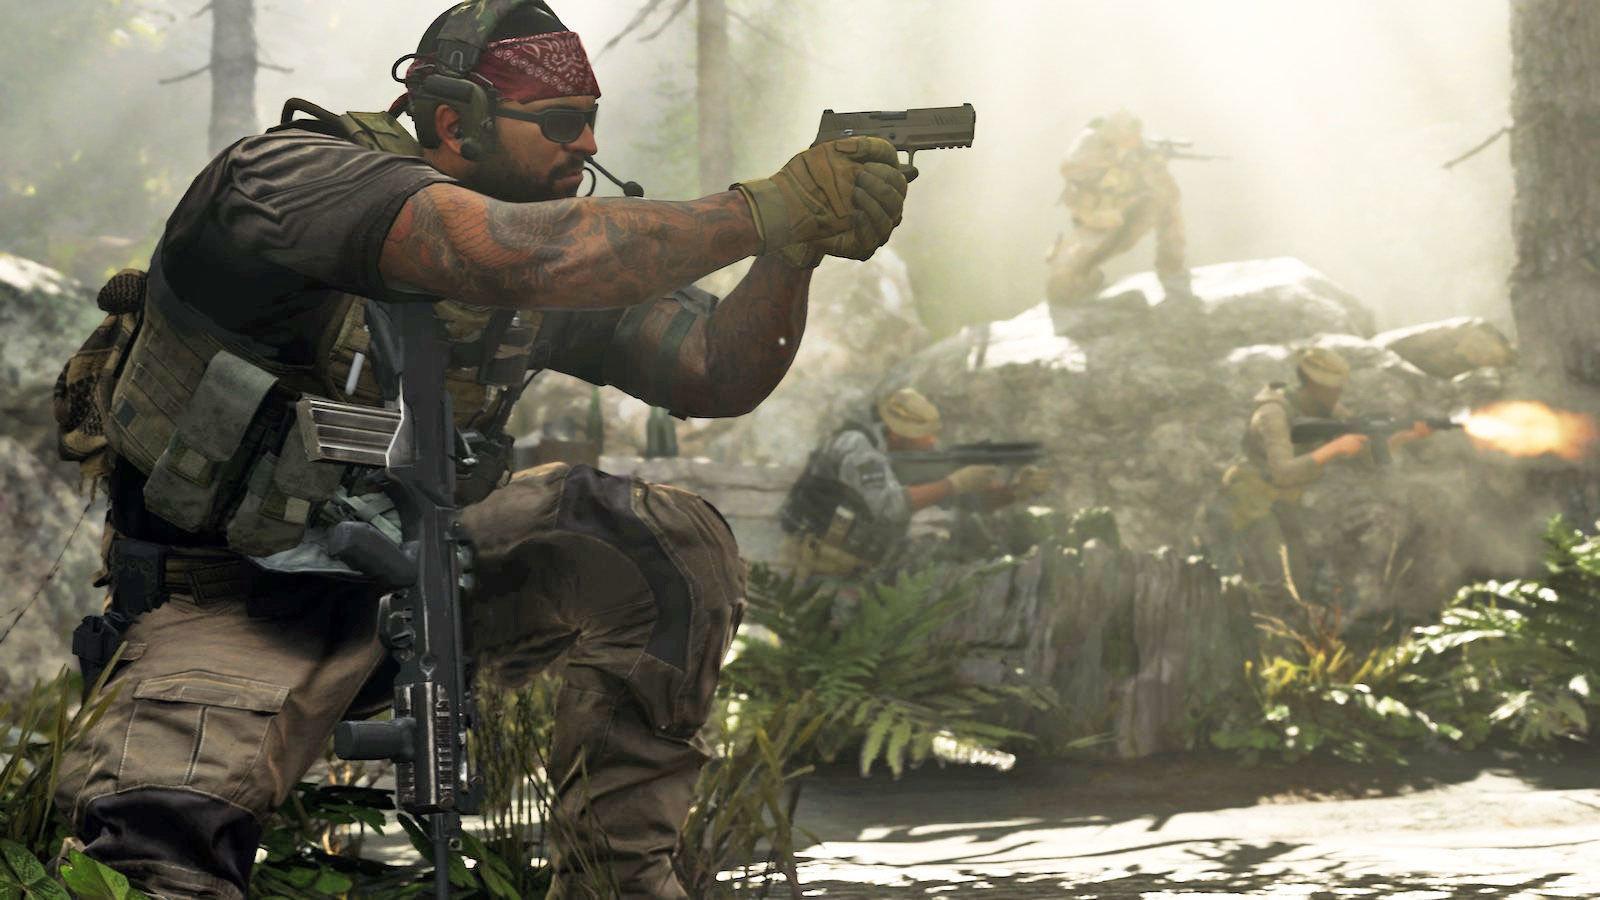 A weird glitch all but confirms Call of Duty: Modern Warfare's battle royale mode screenshot